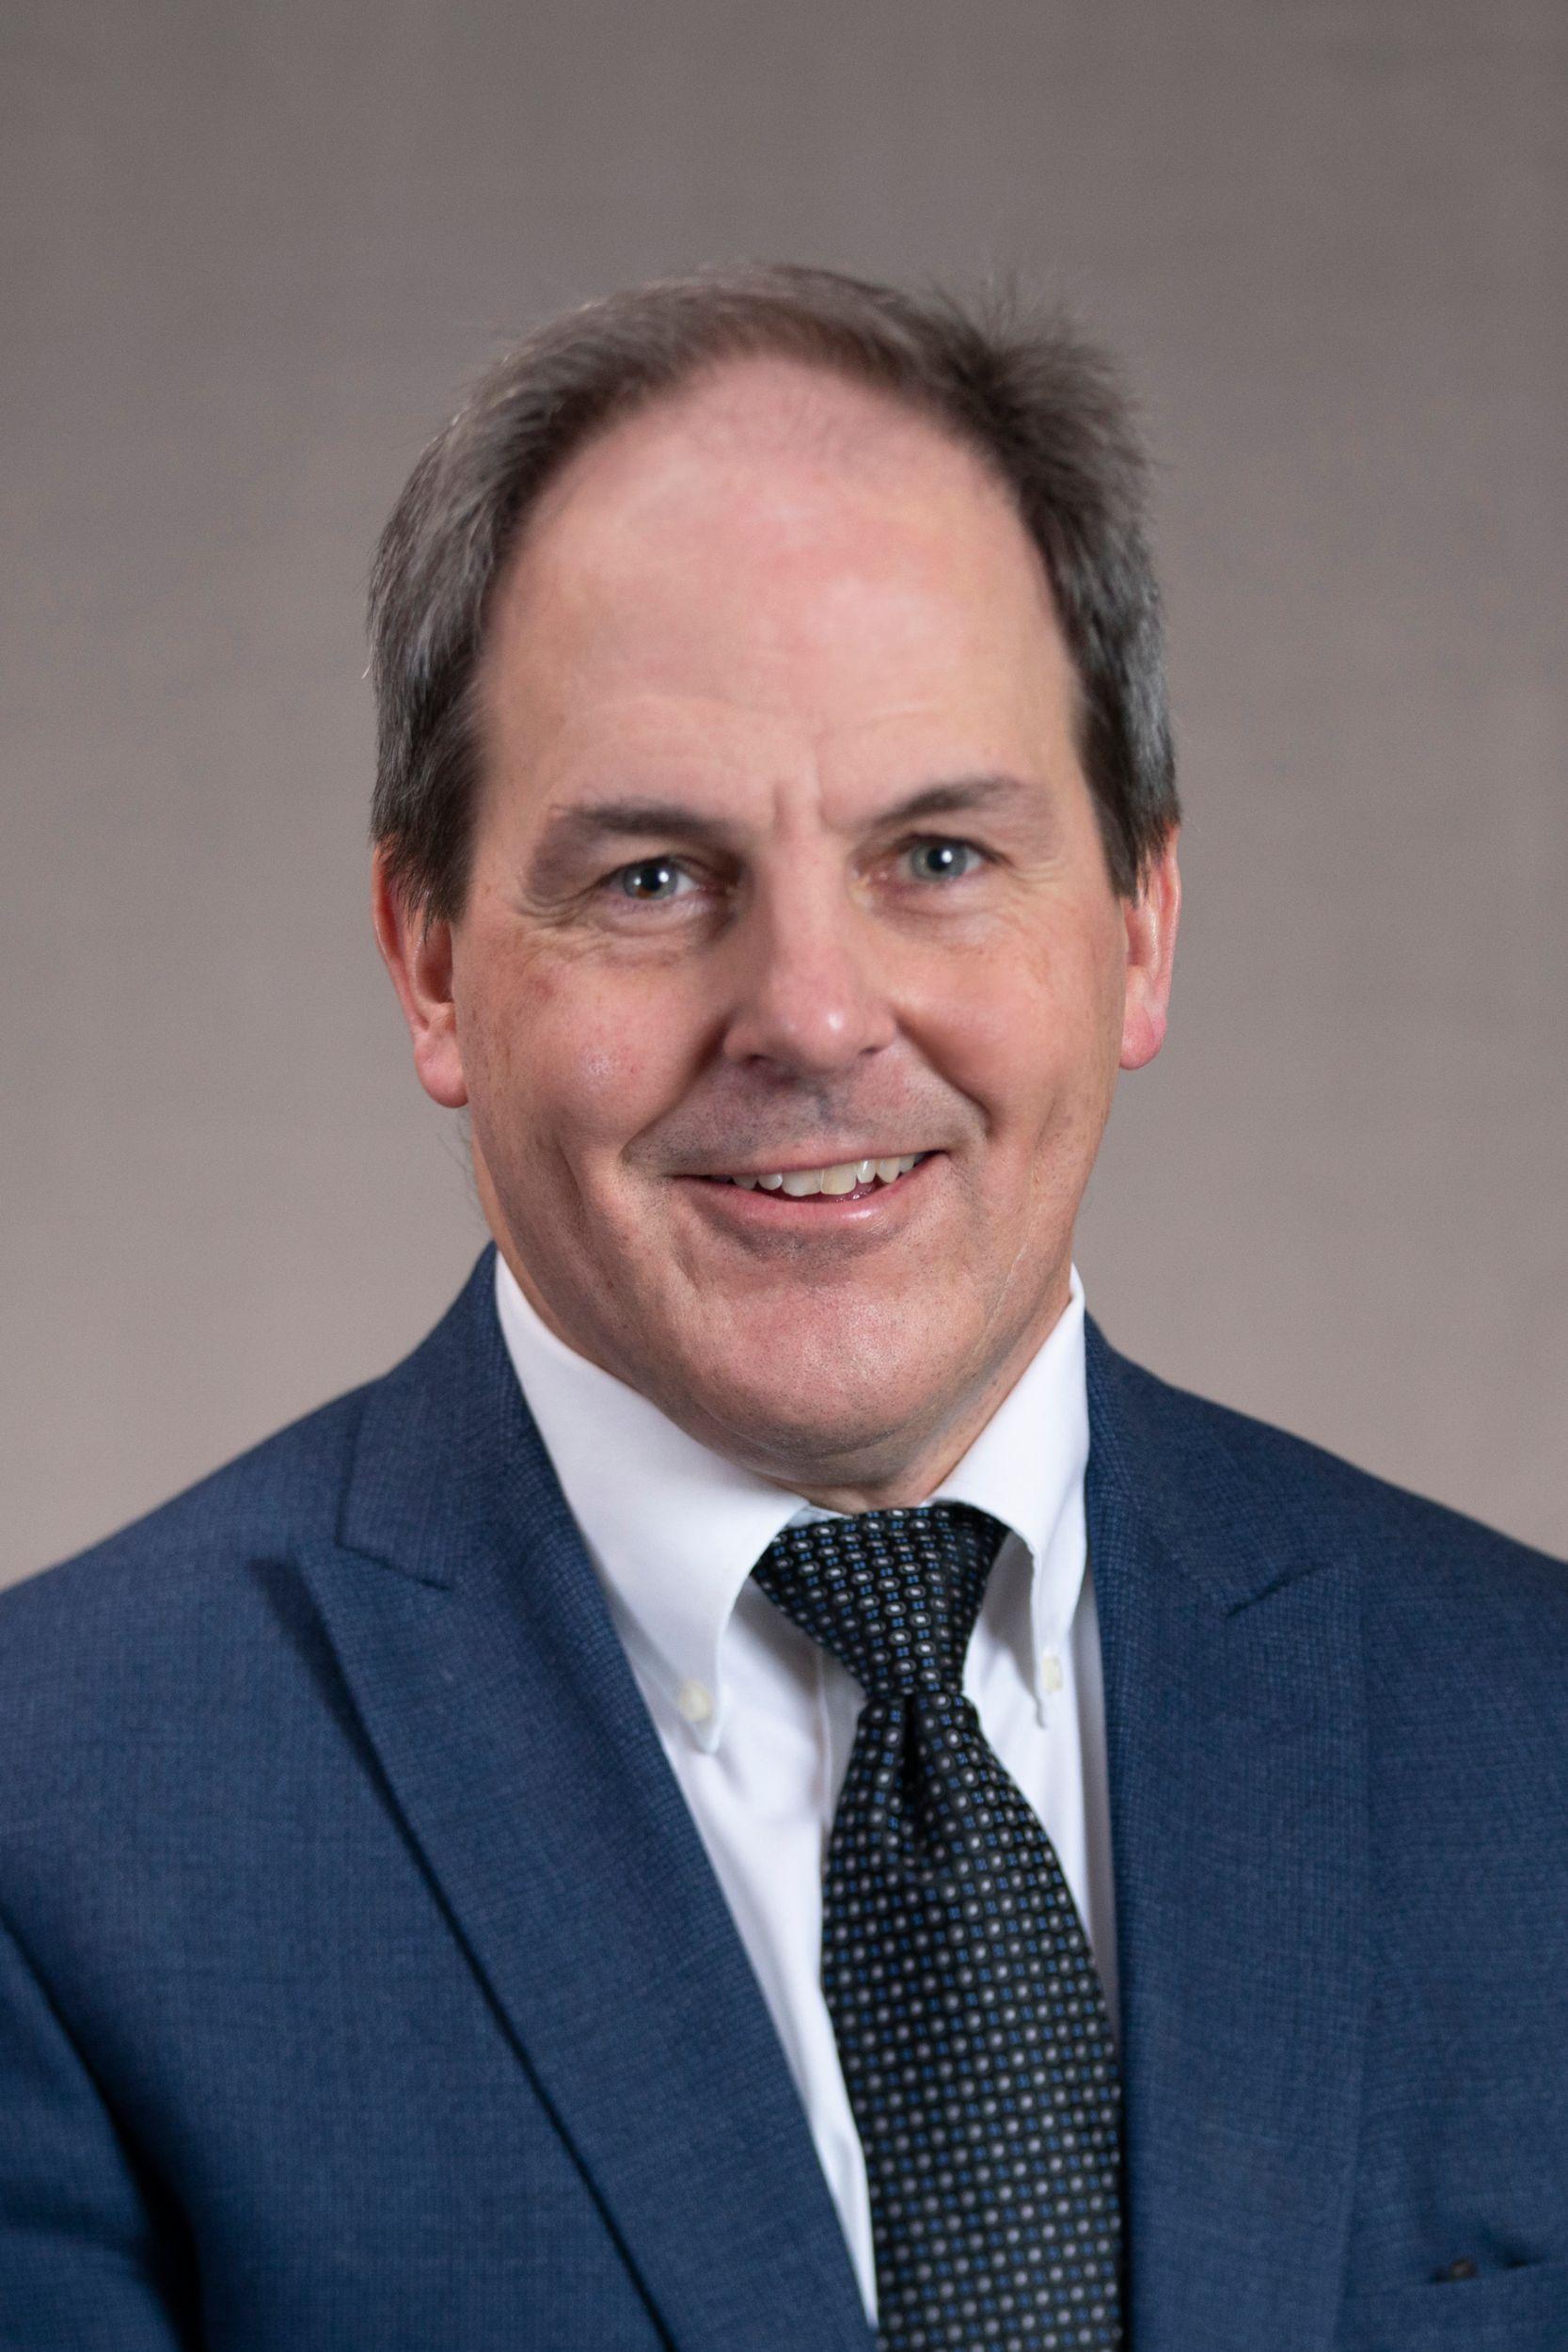 Rod Shurman